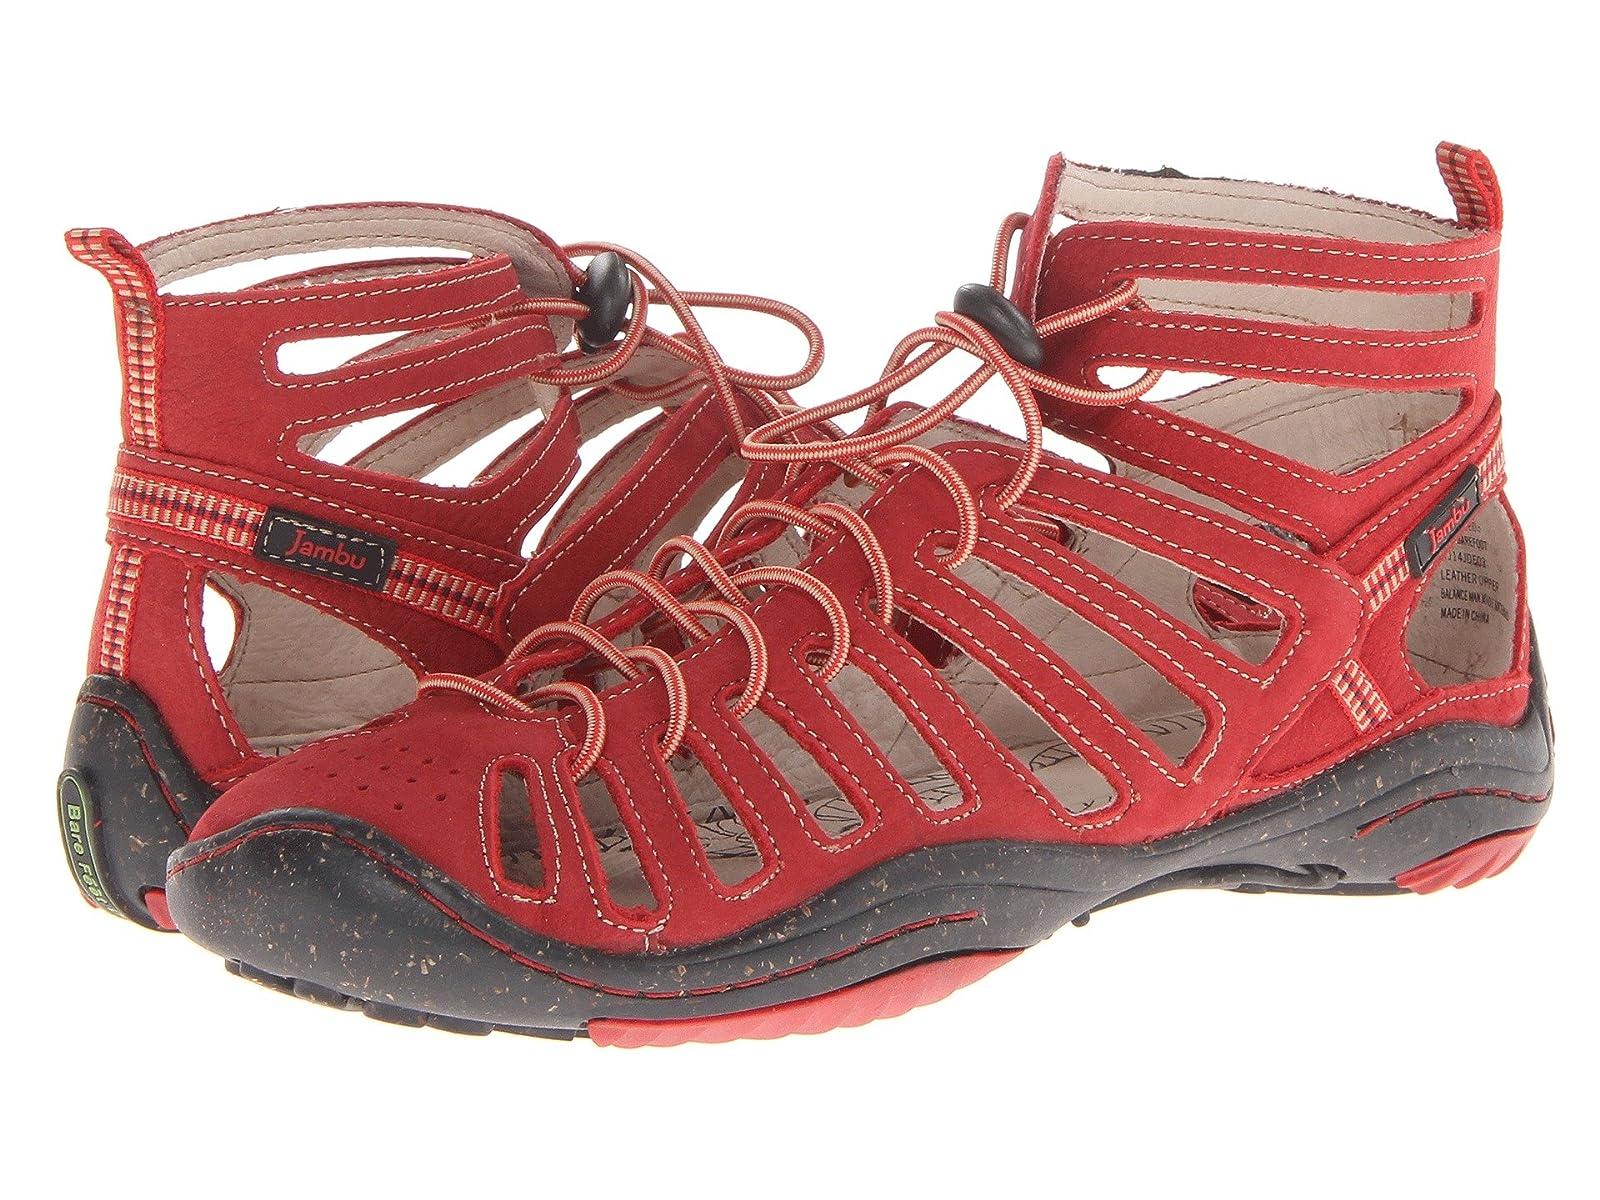 Jambu Jade - BarefootCheap and distinctive eye-catching shoes